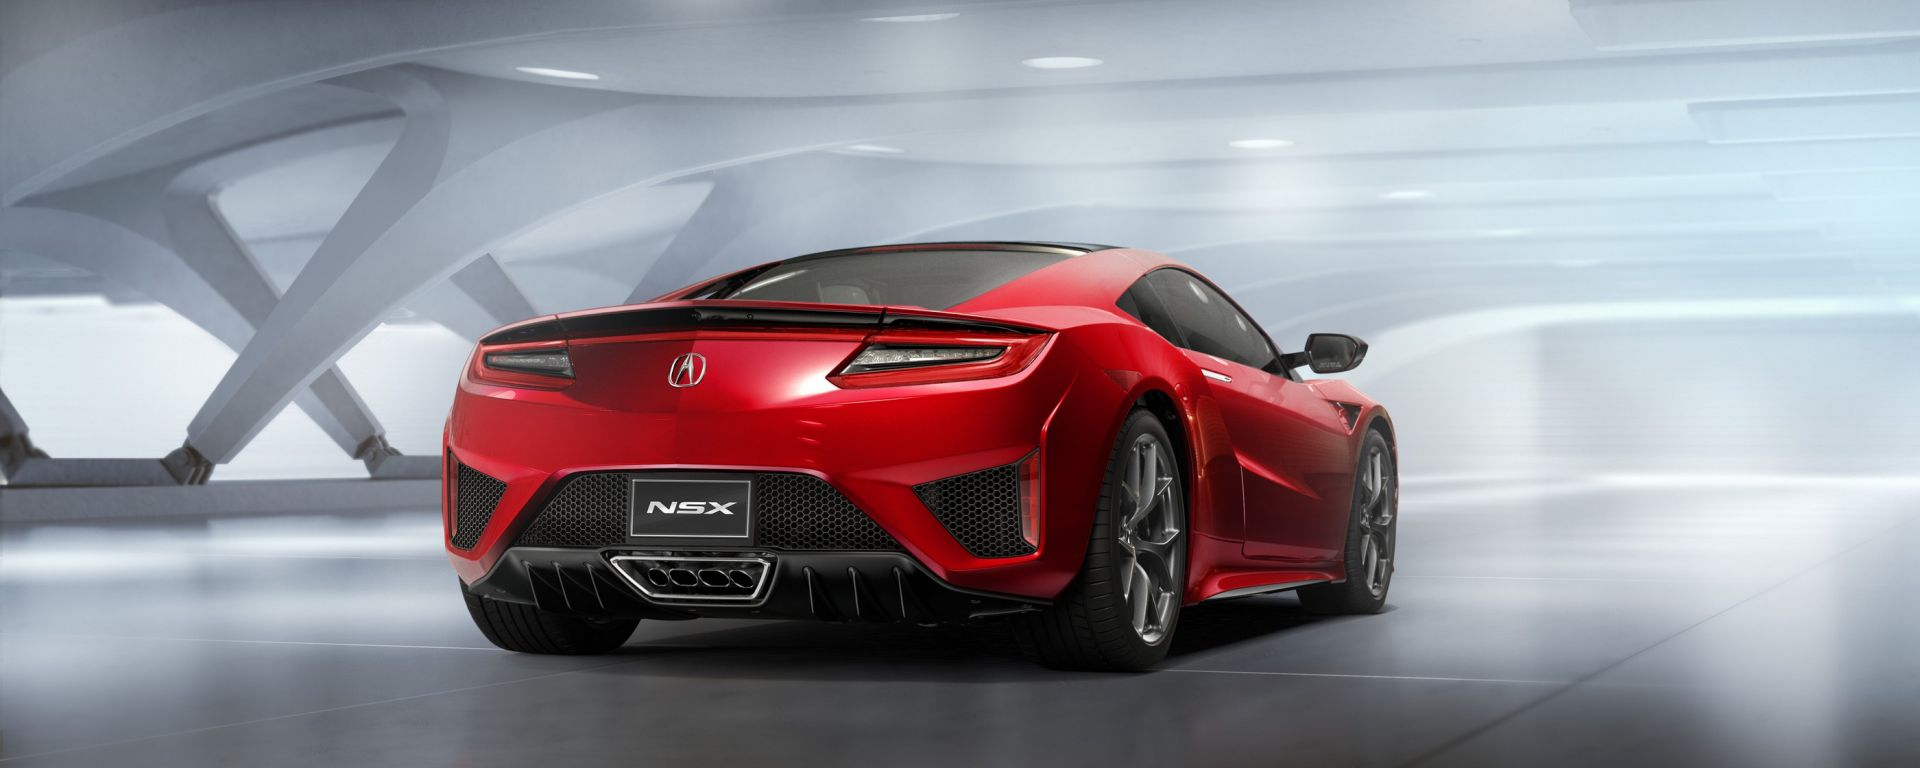 Honda NSX 2016